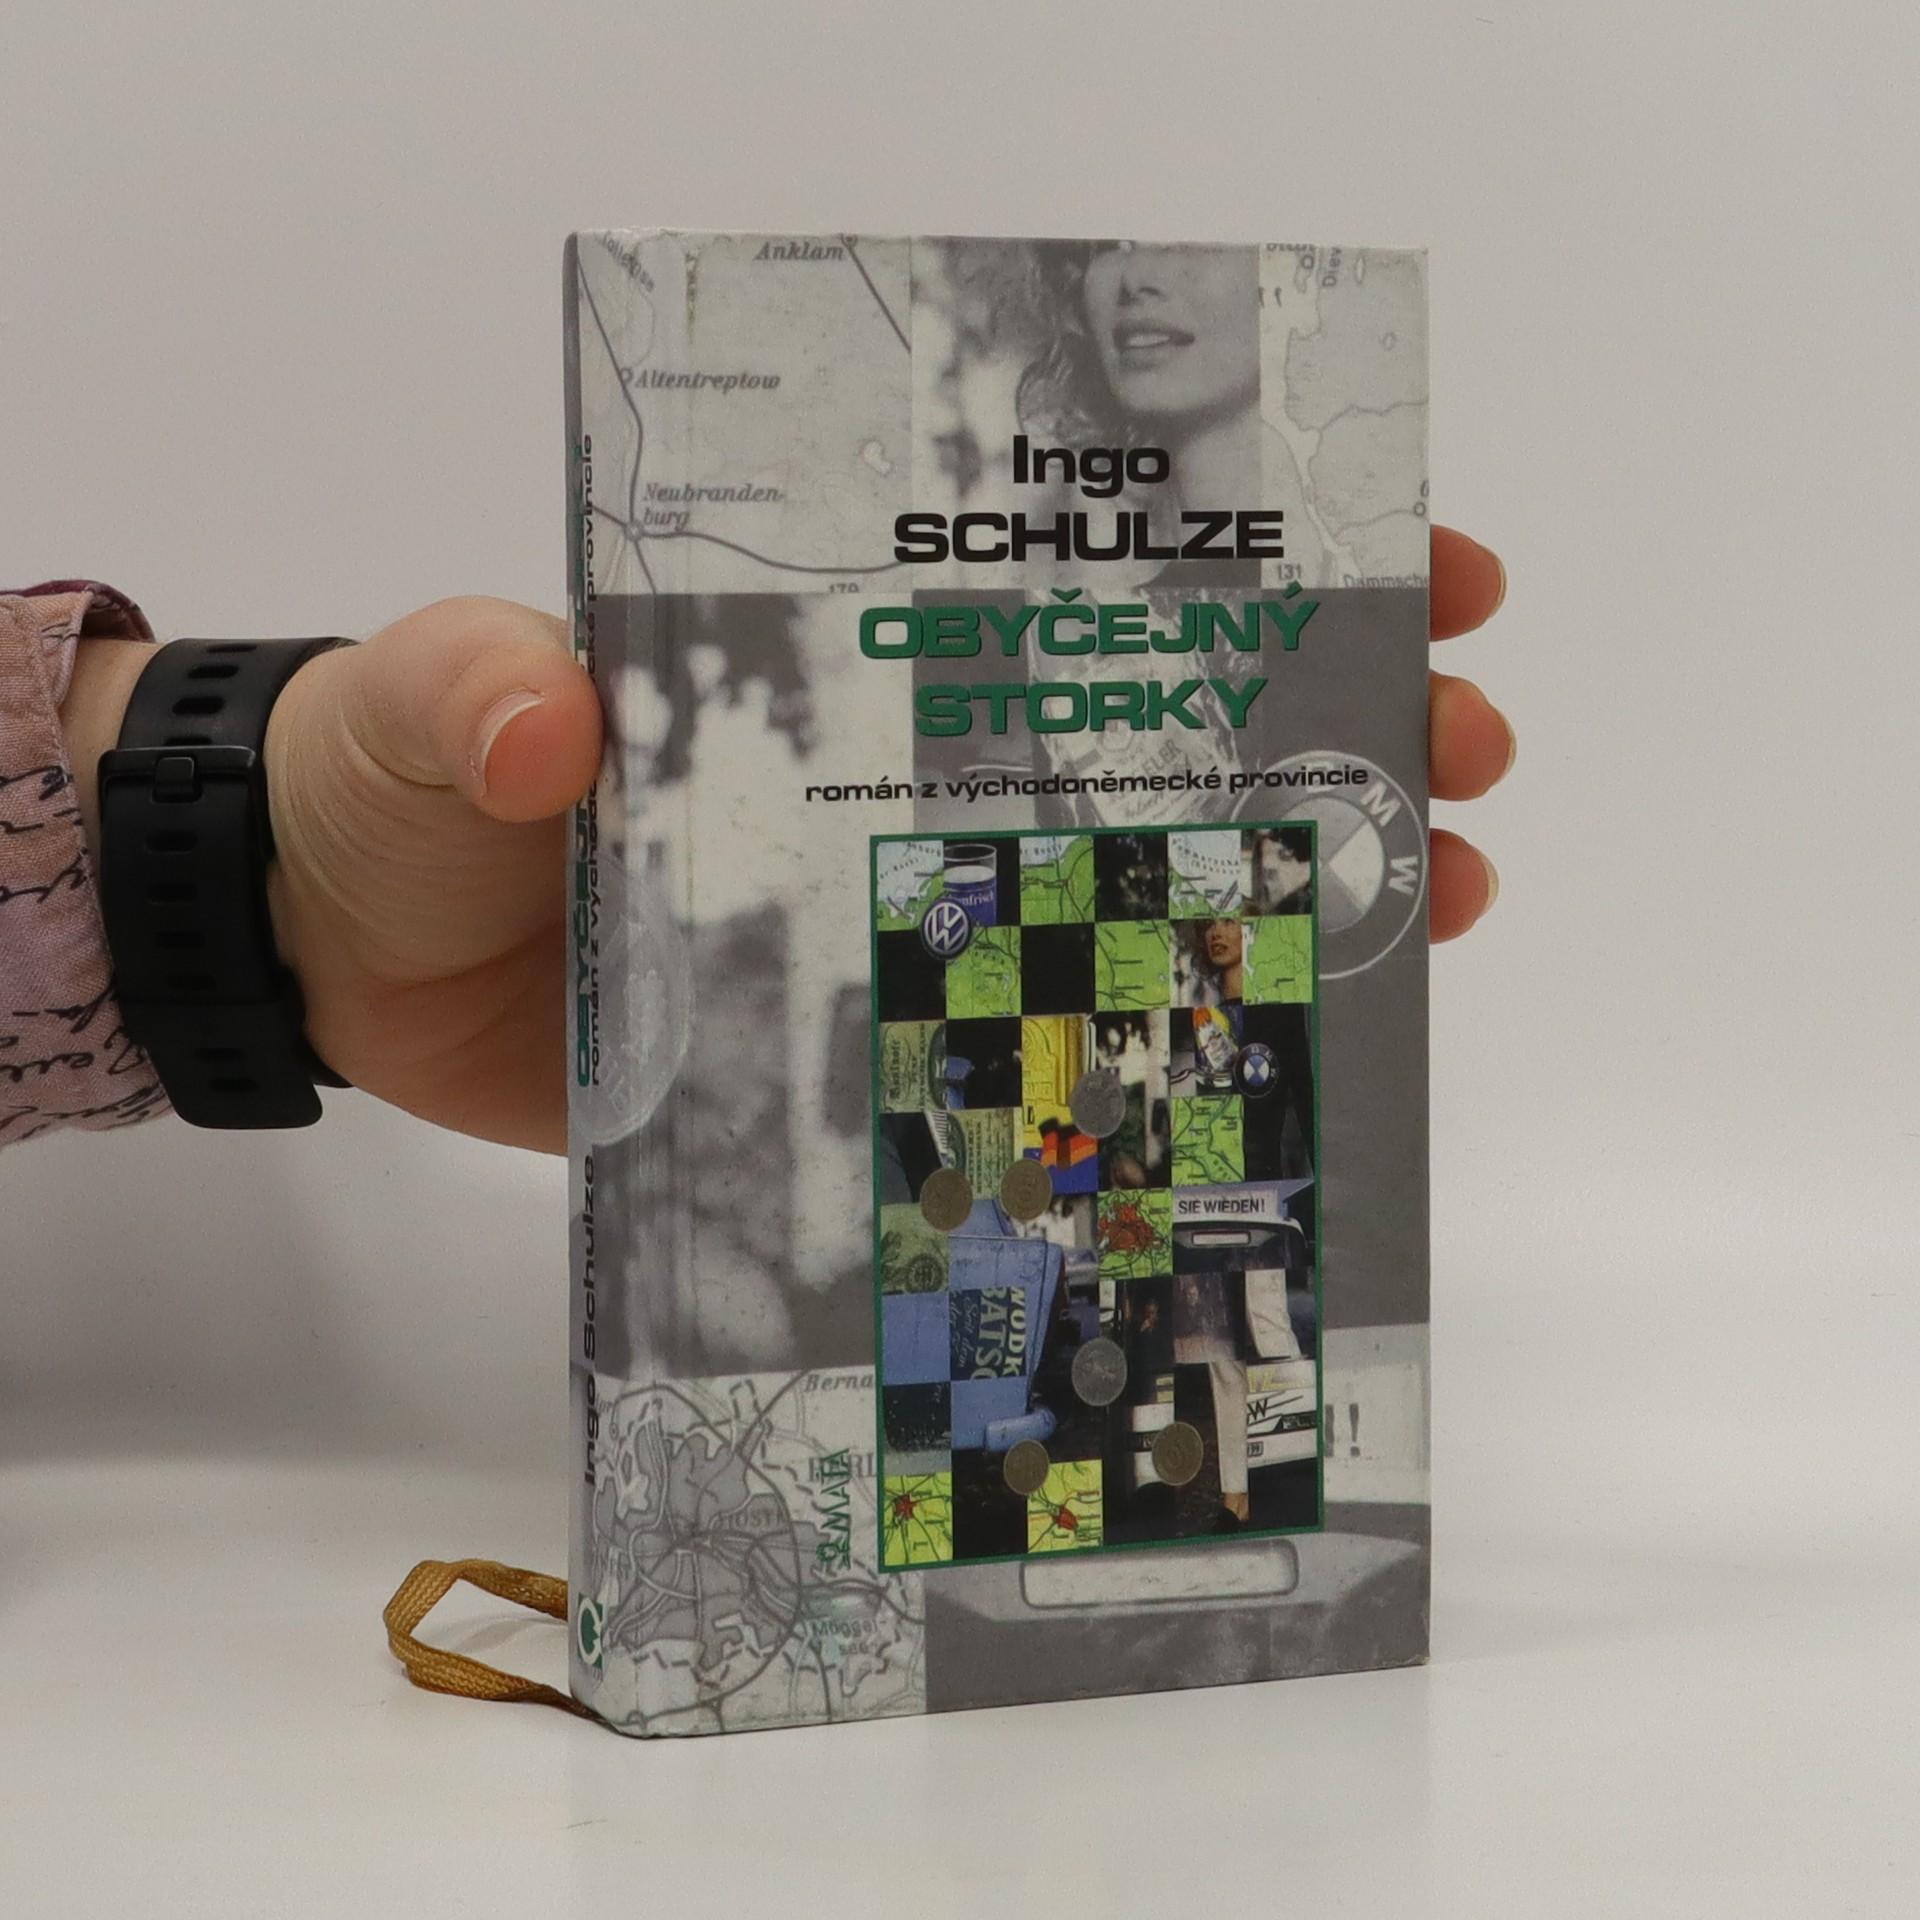 antikvární kniha Obyčejný storky : román z východoněmecké provincie, 2003